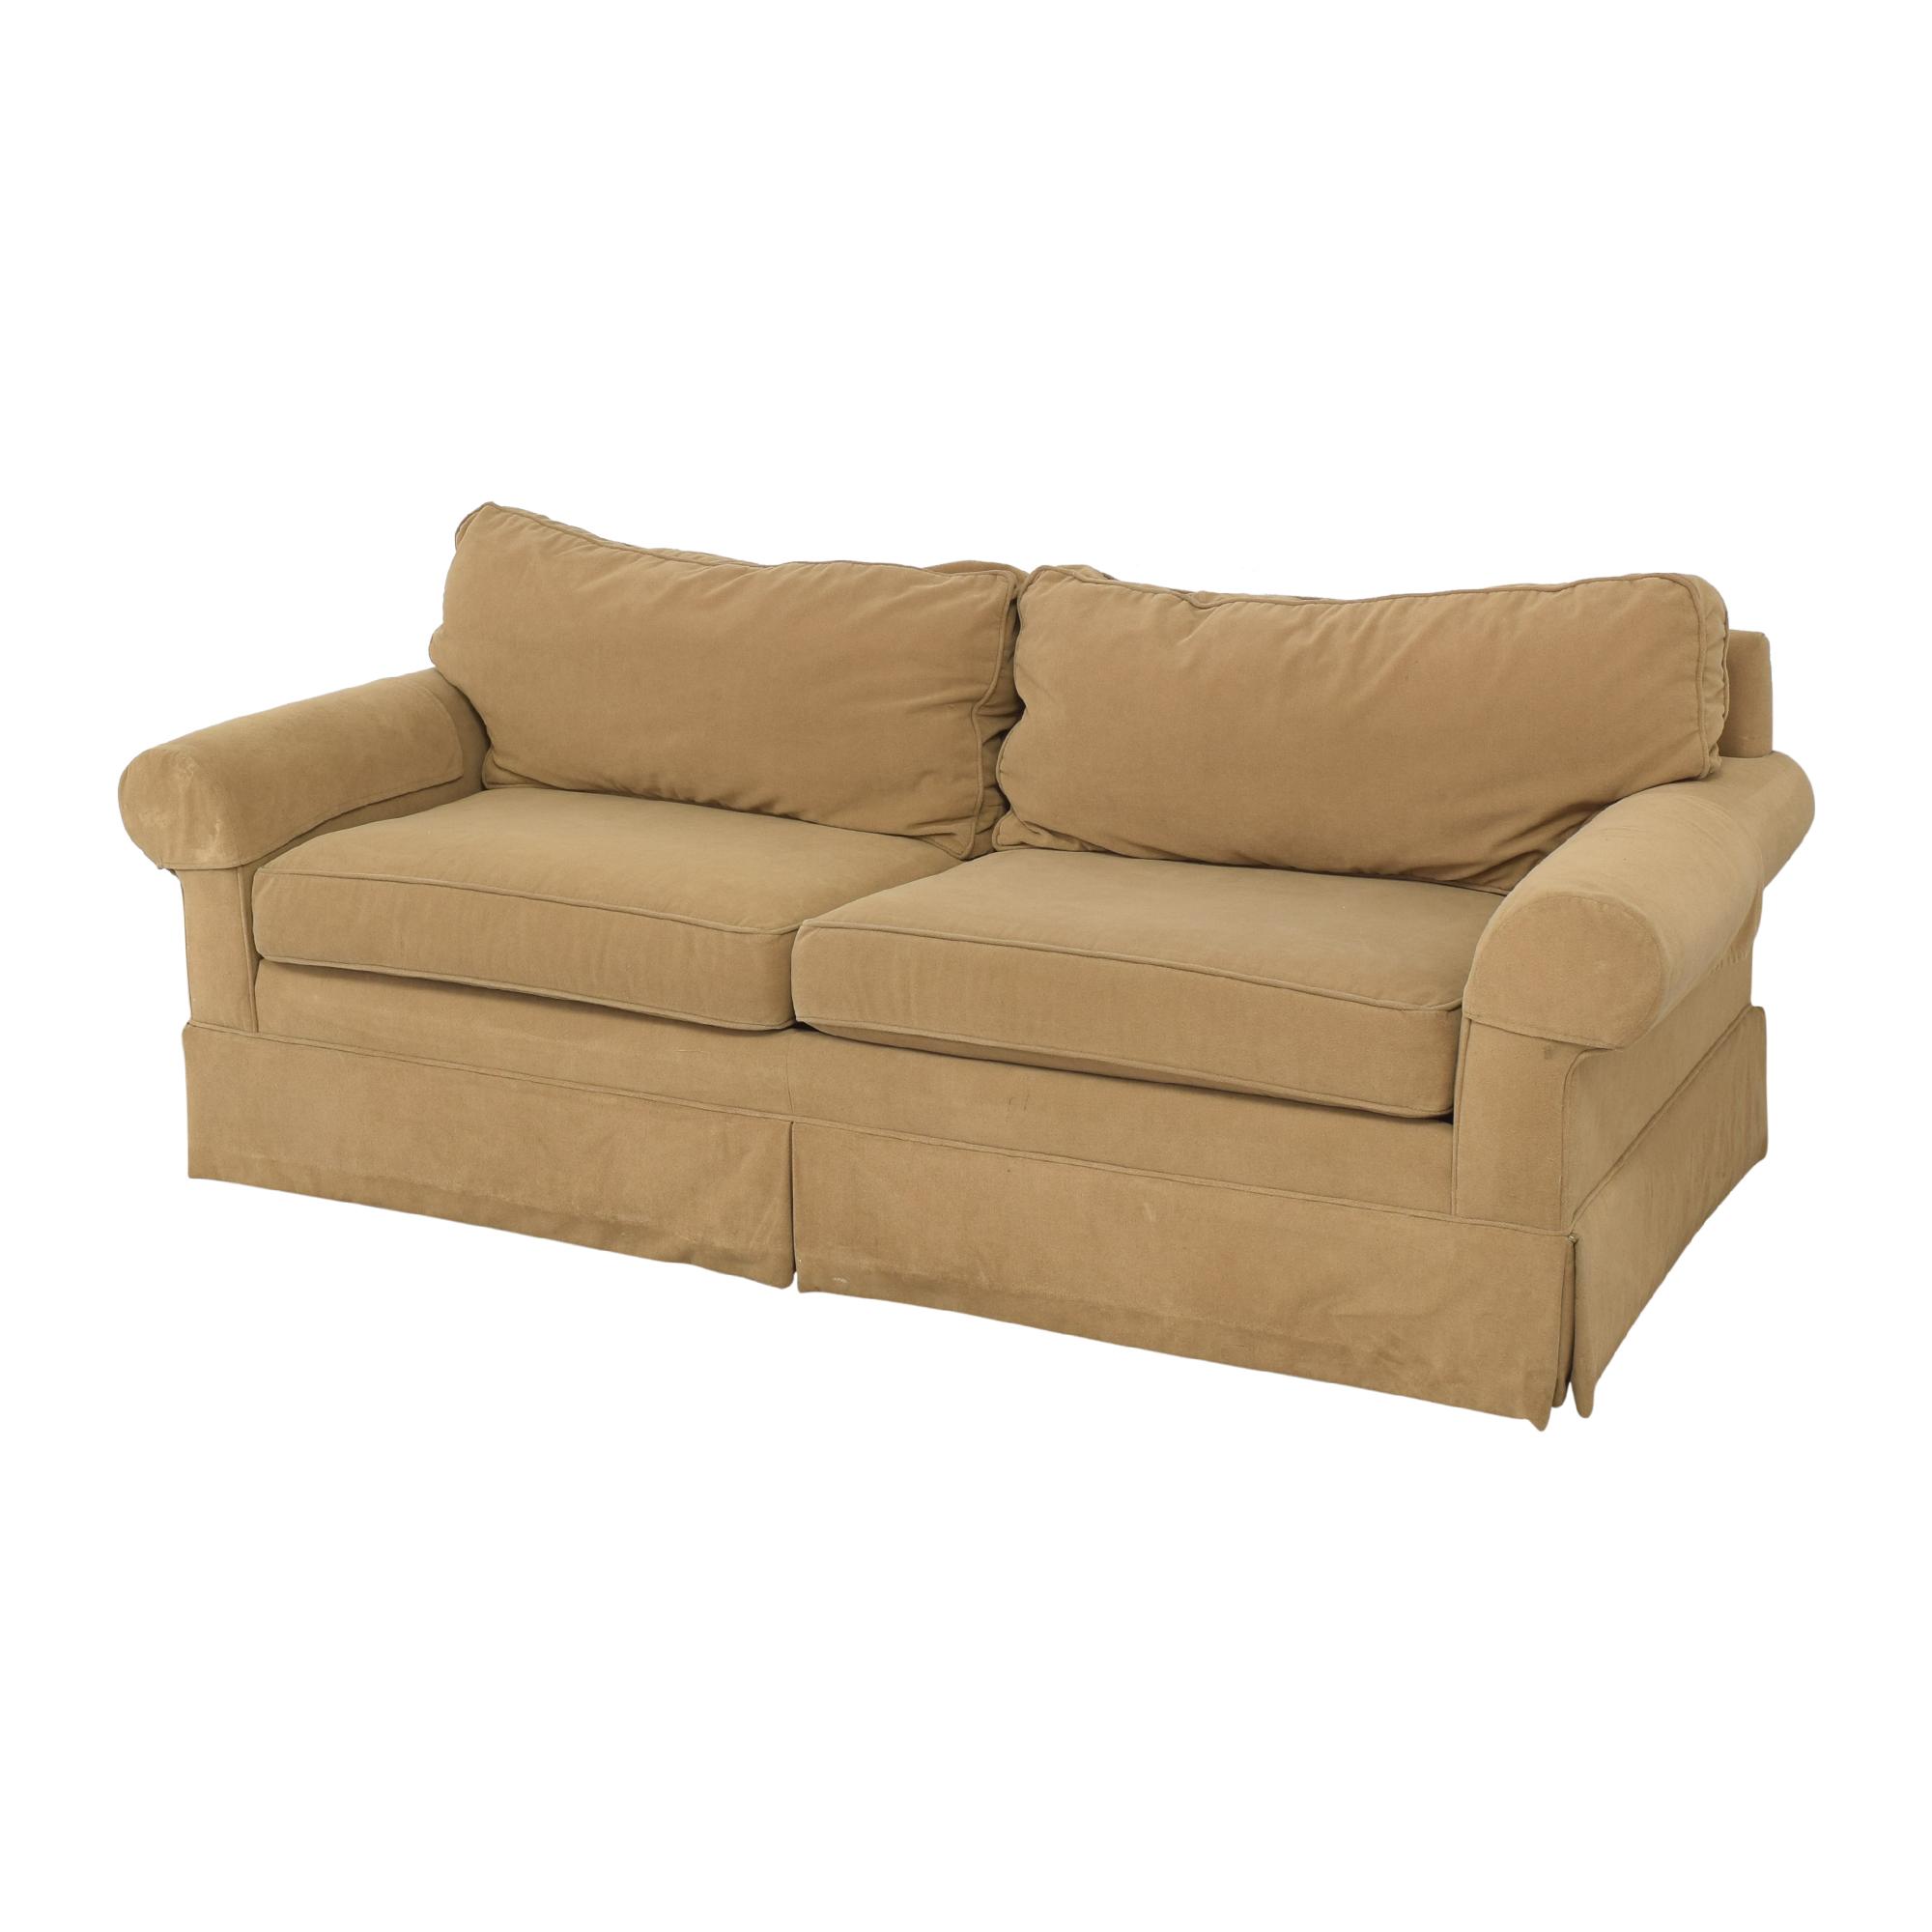 Ethan Allen Ethan Allen Skirted Roll Arm Sofa on sale